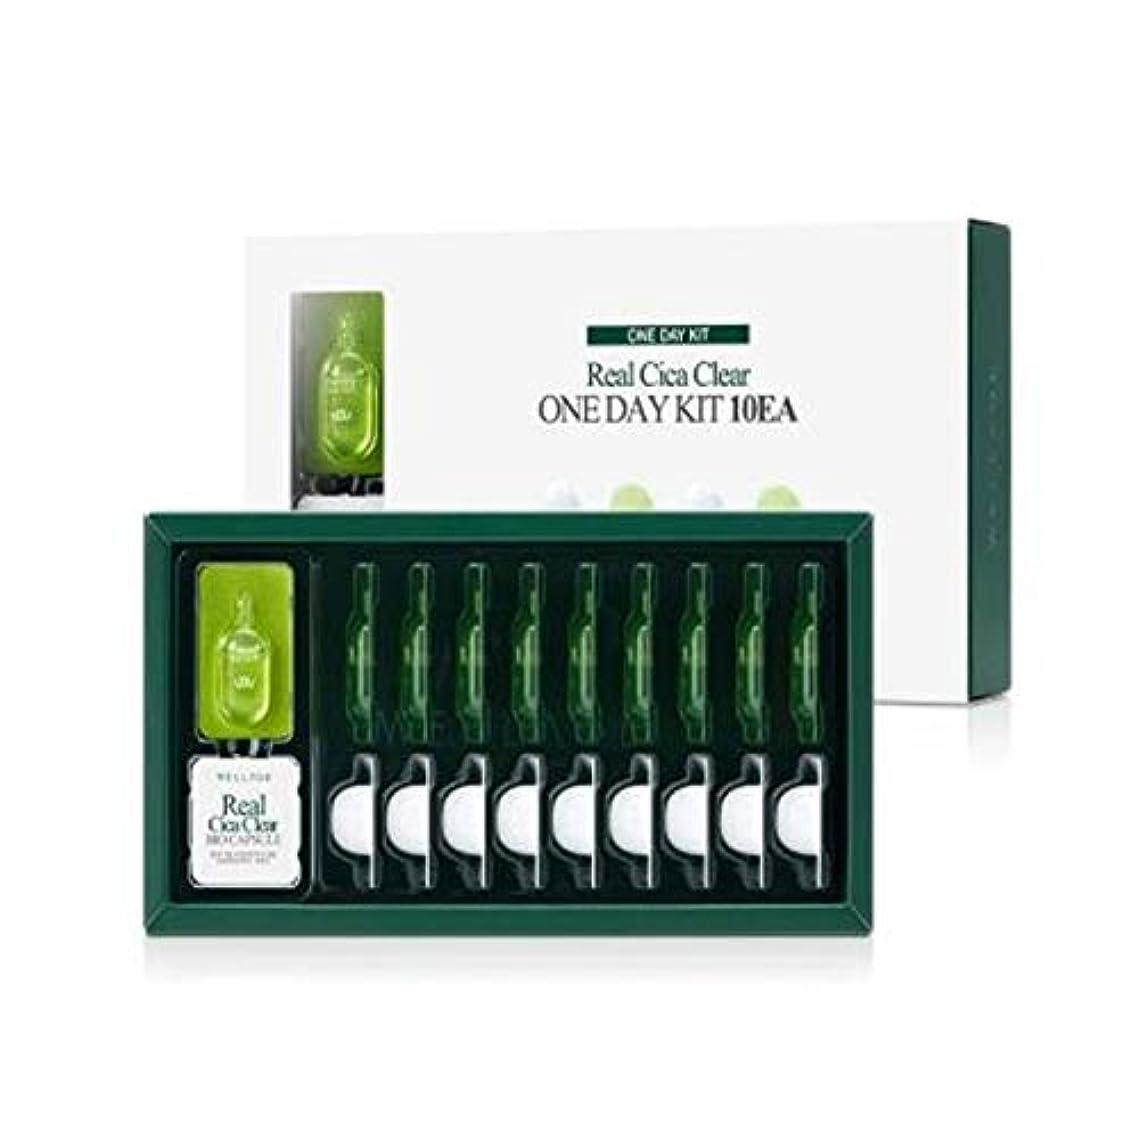 ニュージーランド起業家スケッチWELLAGE(ウェラージュ) リアルシカクリアワンデイキット 10EA / Real Cica Clear One Day Kit